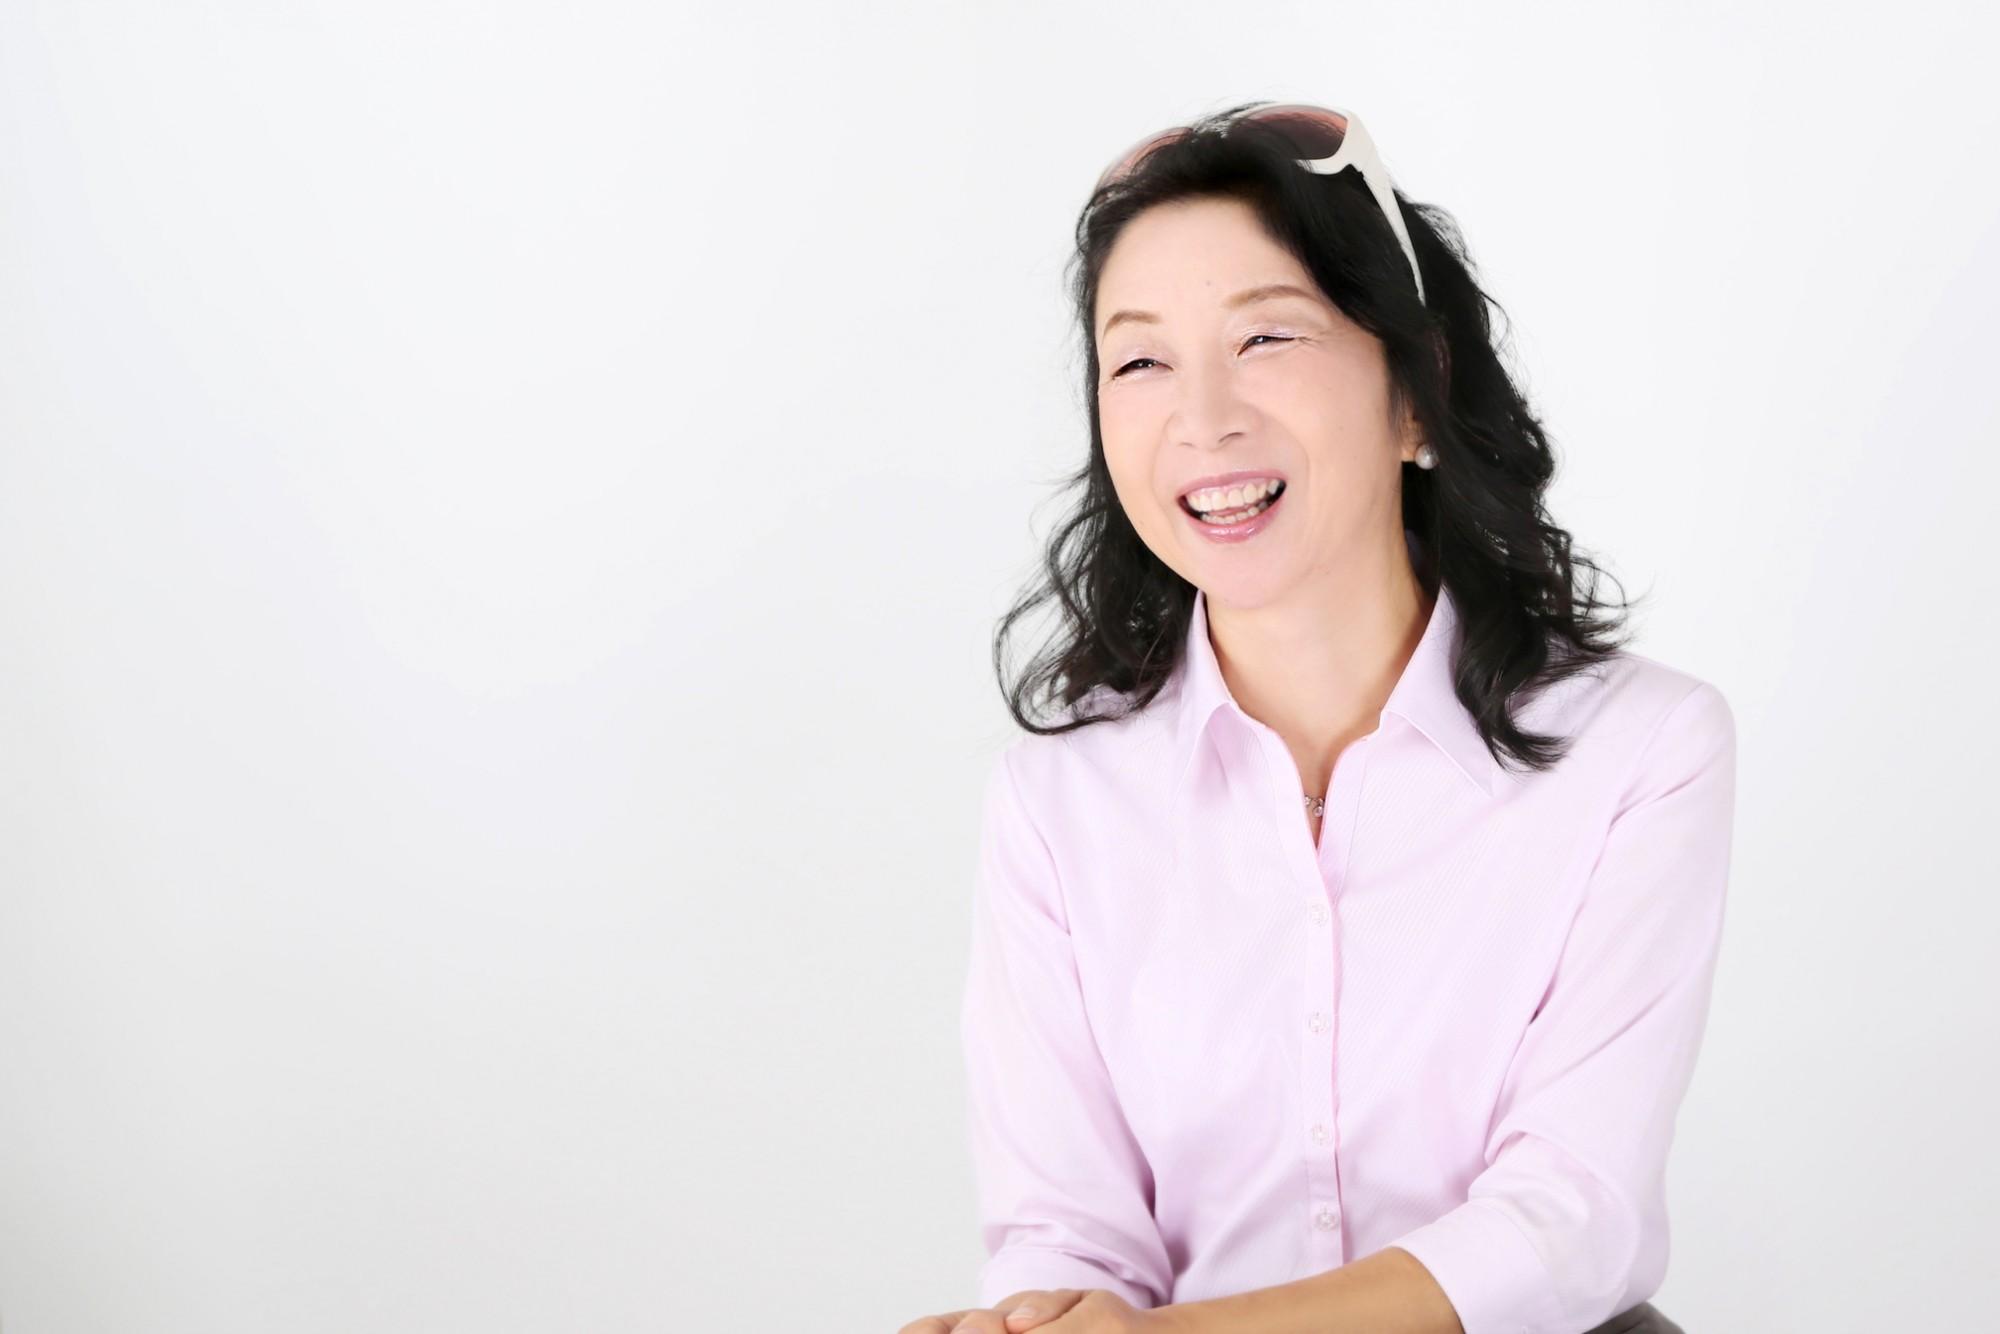 フジテレビ「とくダネ!」出演の時の写真